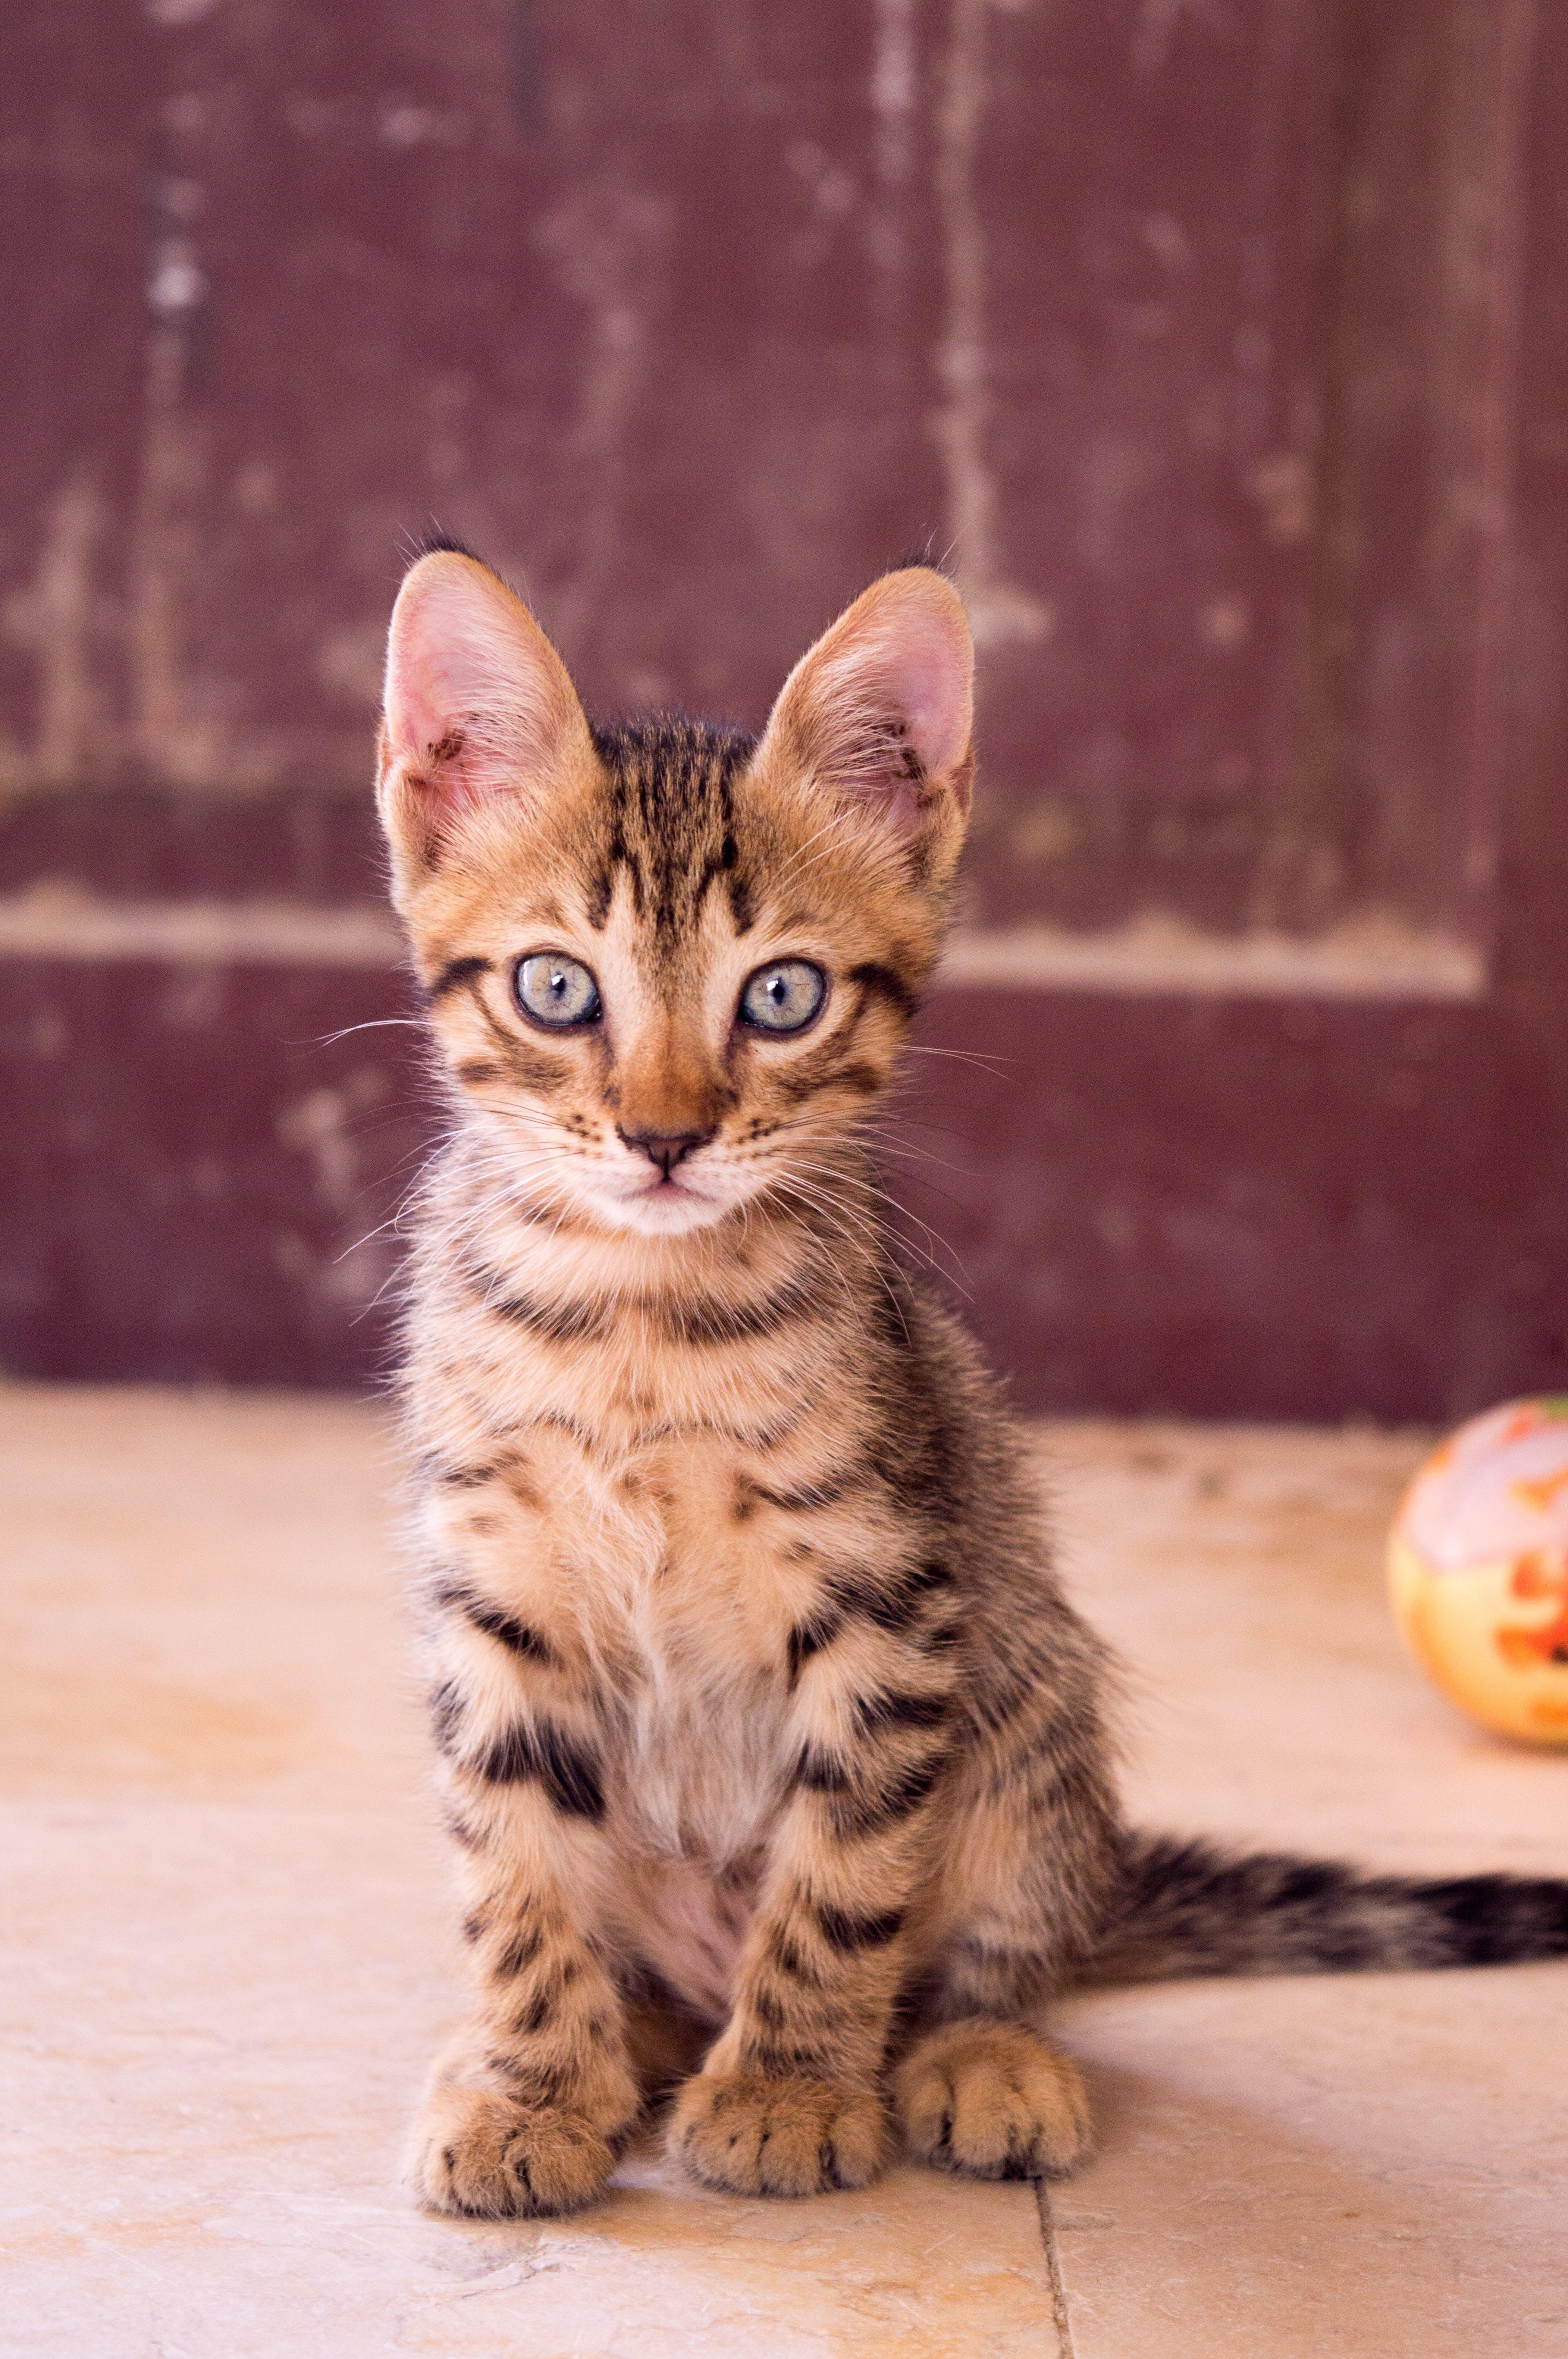 bakmak, çok sevimli, ev kedisi, evcil içeren Ücretsiz stok fotoğraf